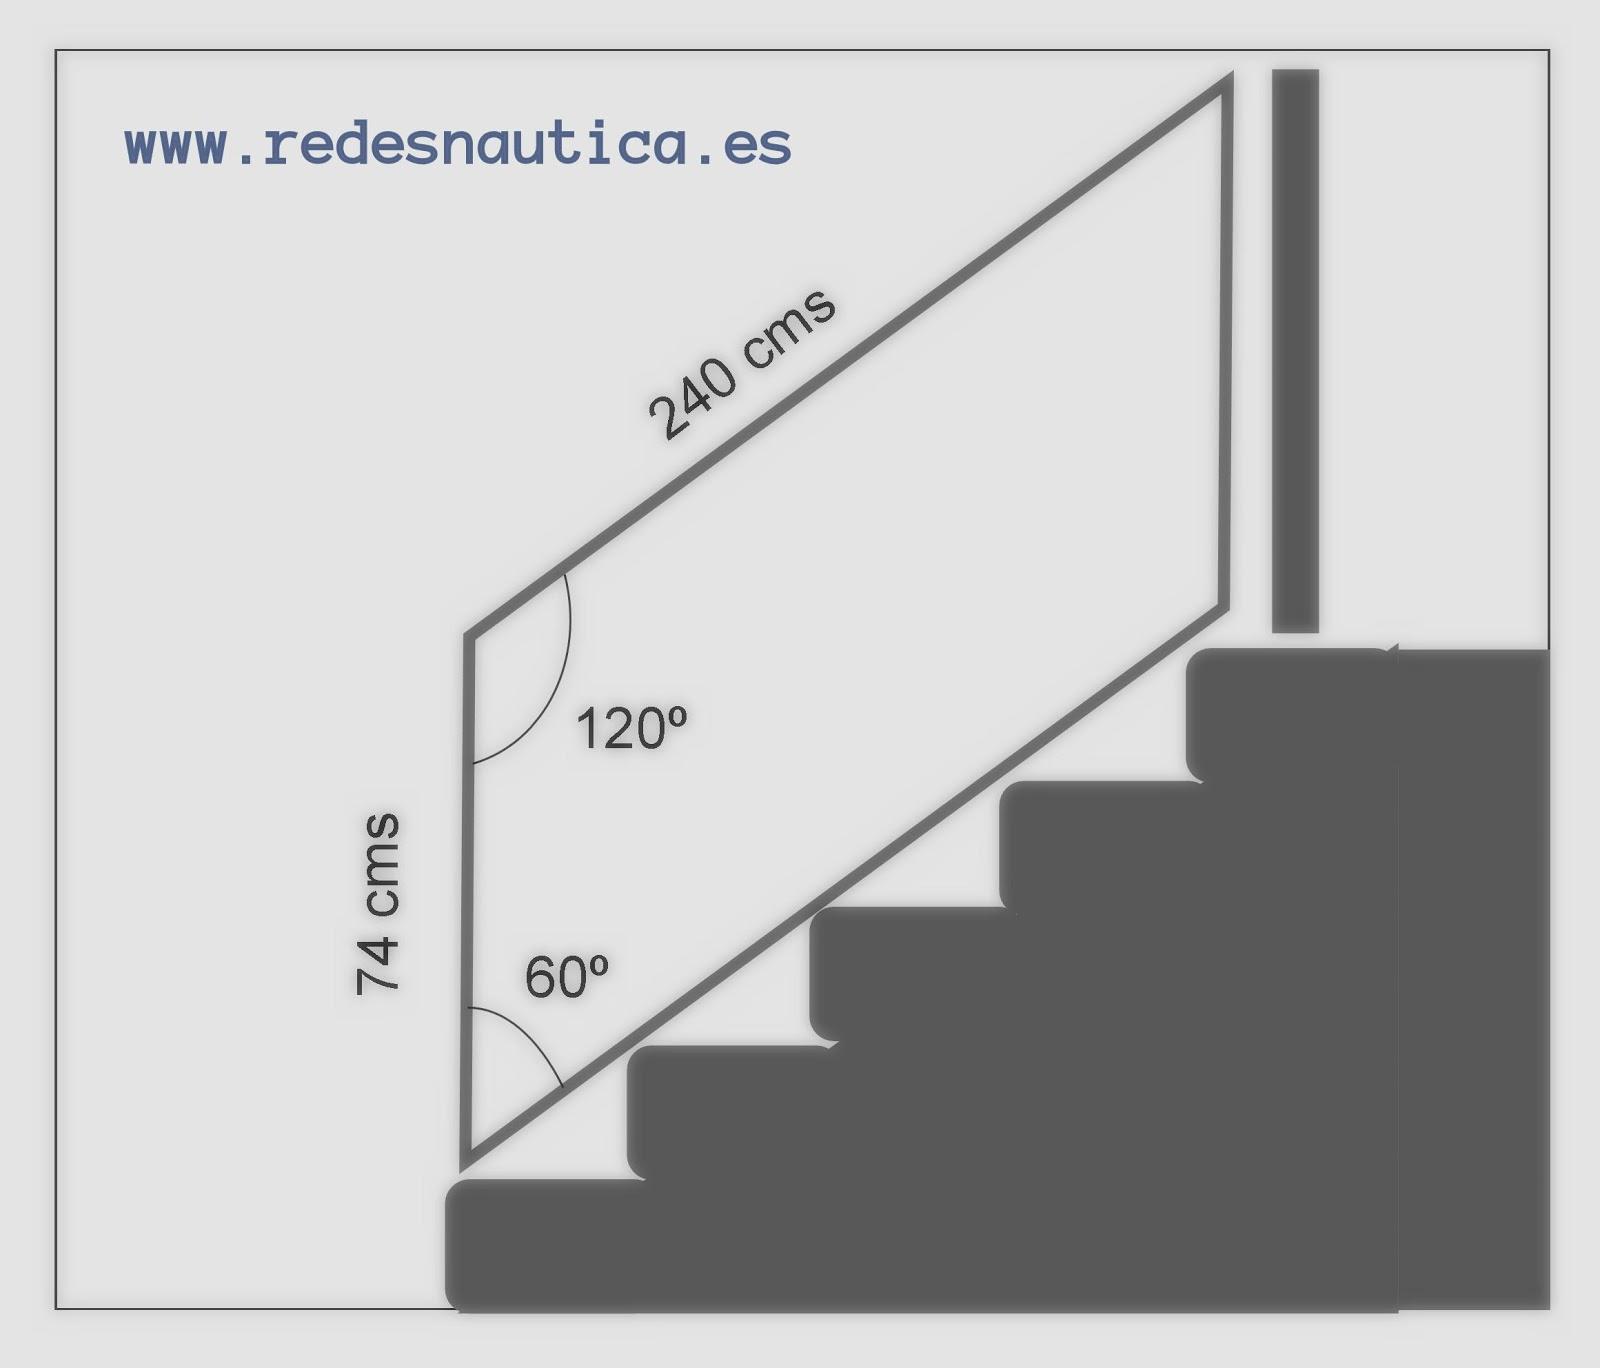 REDES NÁUTICA: Red de protección para escaleras: Tutorial de ...